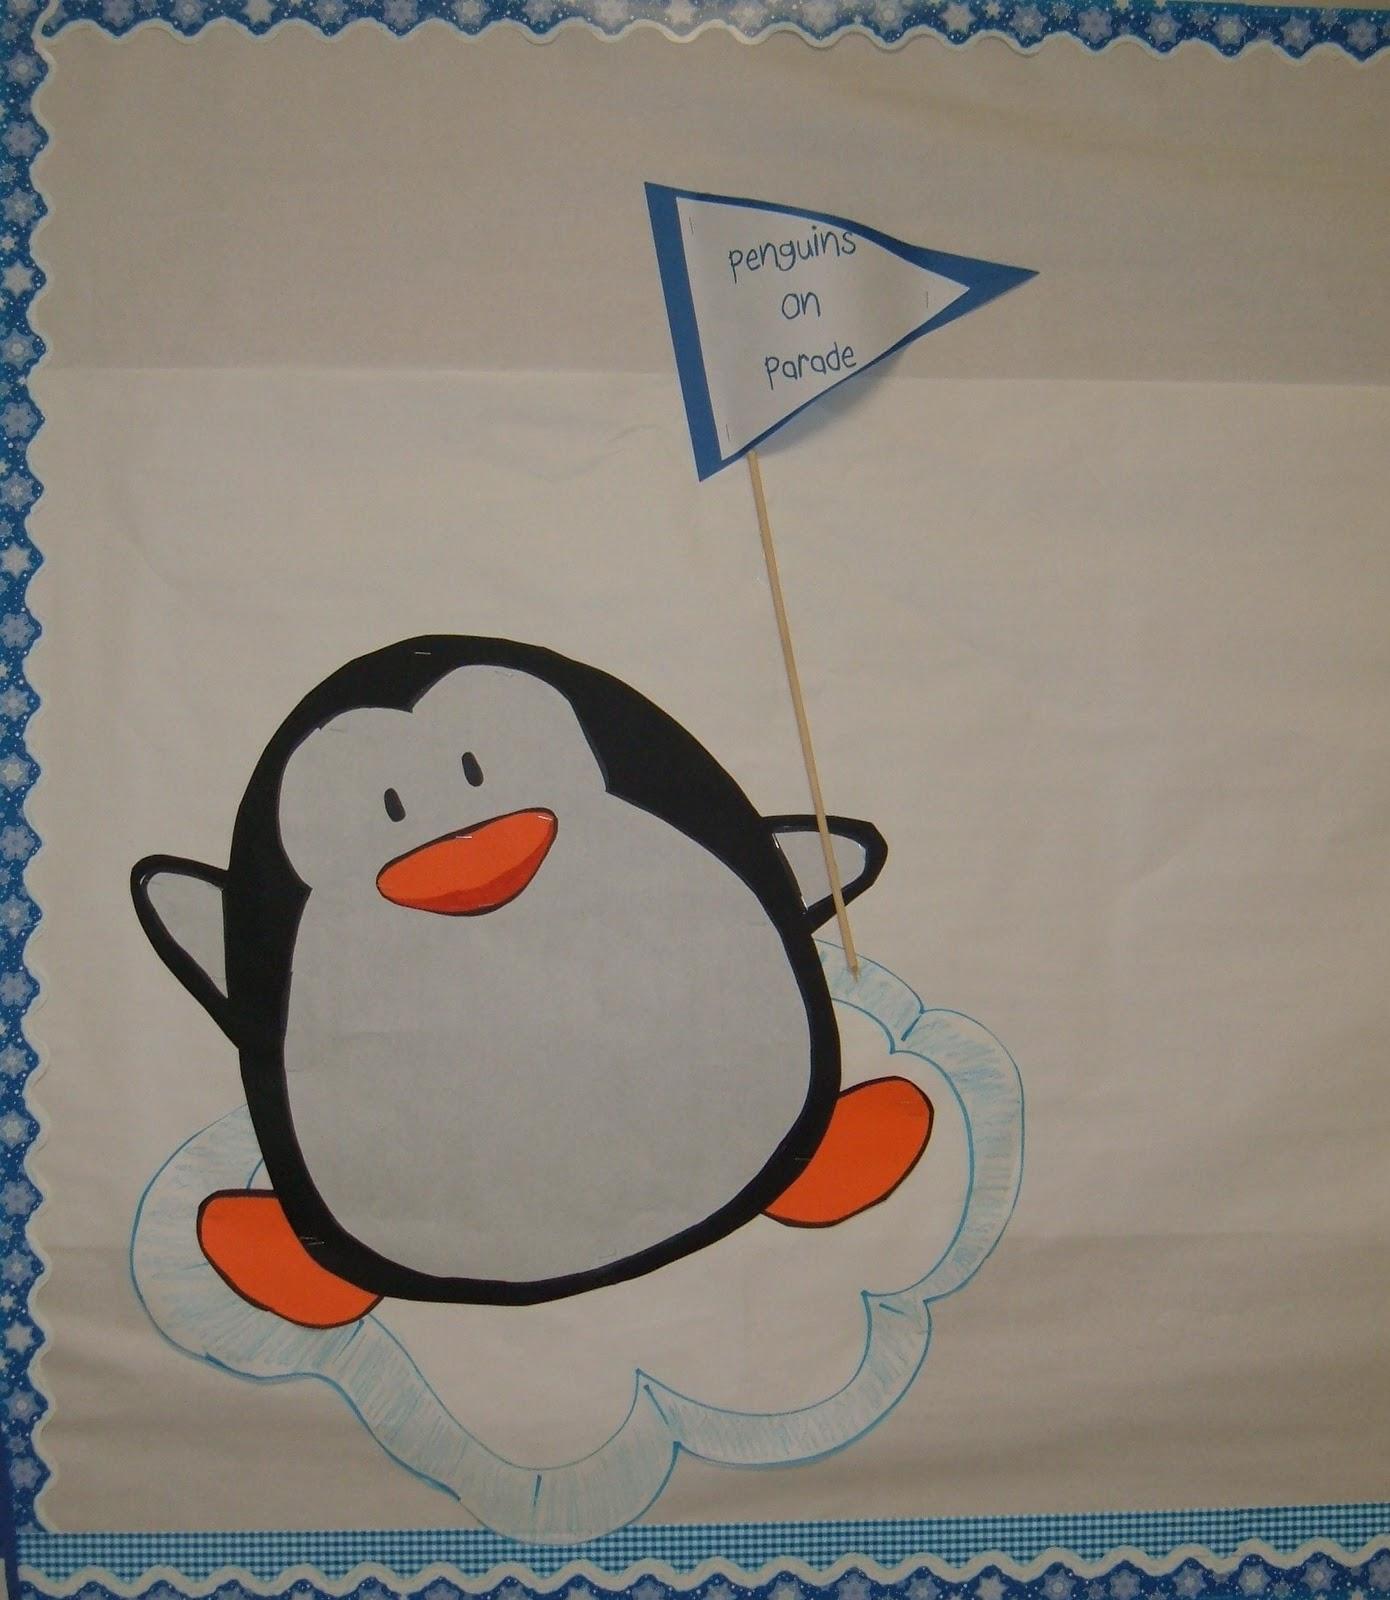 http://4.bp.blogspot.com/_-G0ThEpOY3A/TSi_C8-OW7I/AAAAAAAAACQ/_m__UjzPCqw/s1600/January+1+002.JPG